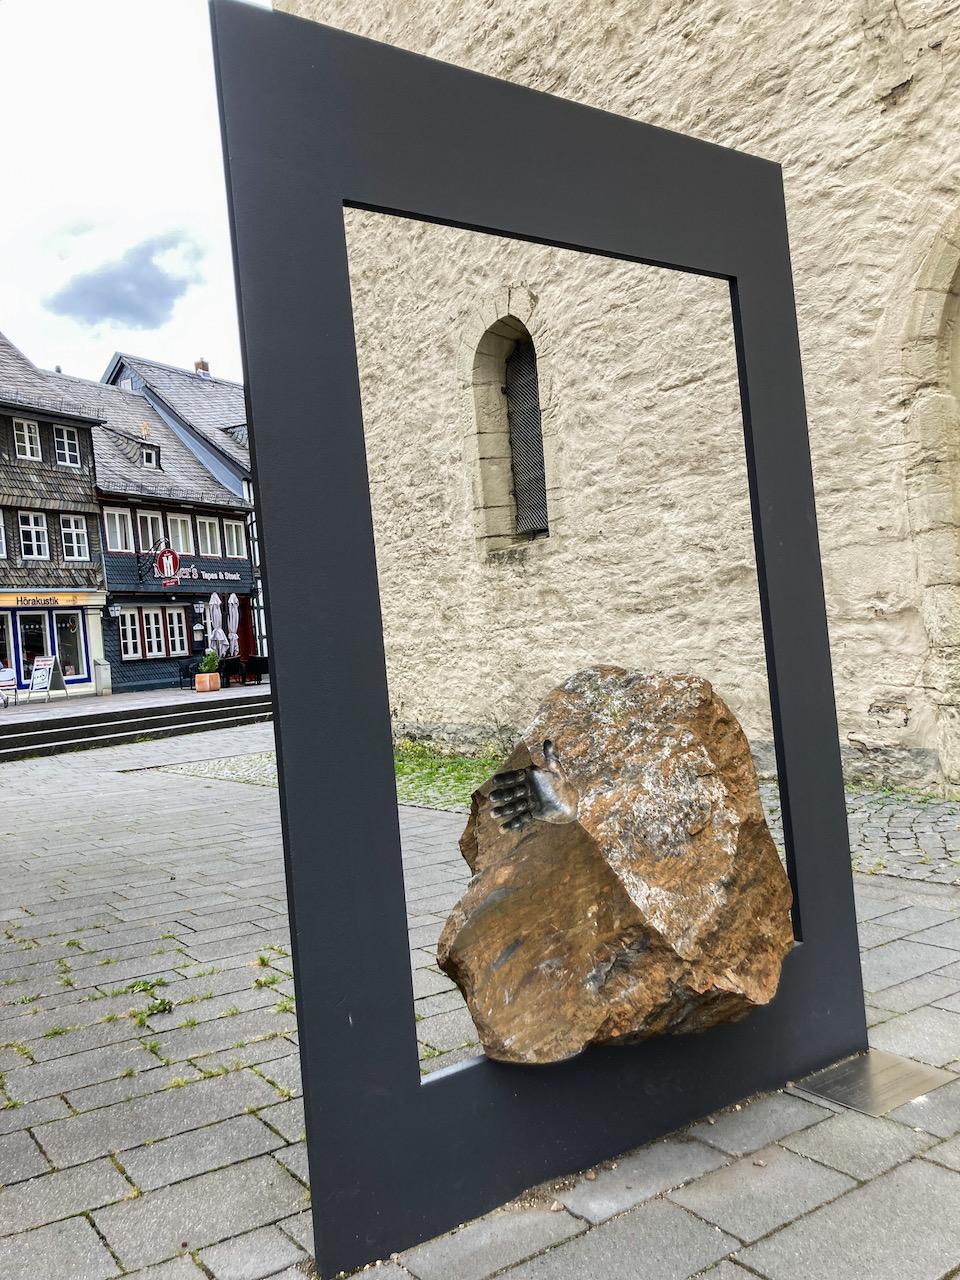 """Skulptur """"Hommage au Rammelsberg"""" aus einem Erzbrocken zur Erinnerung an Erzbergbau des Rammelsbergs (Christoph Wilmsen-Wiegmann, 2000)"""